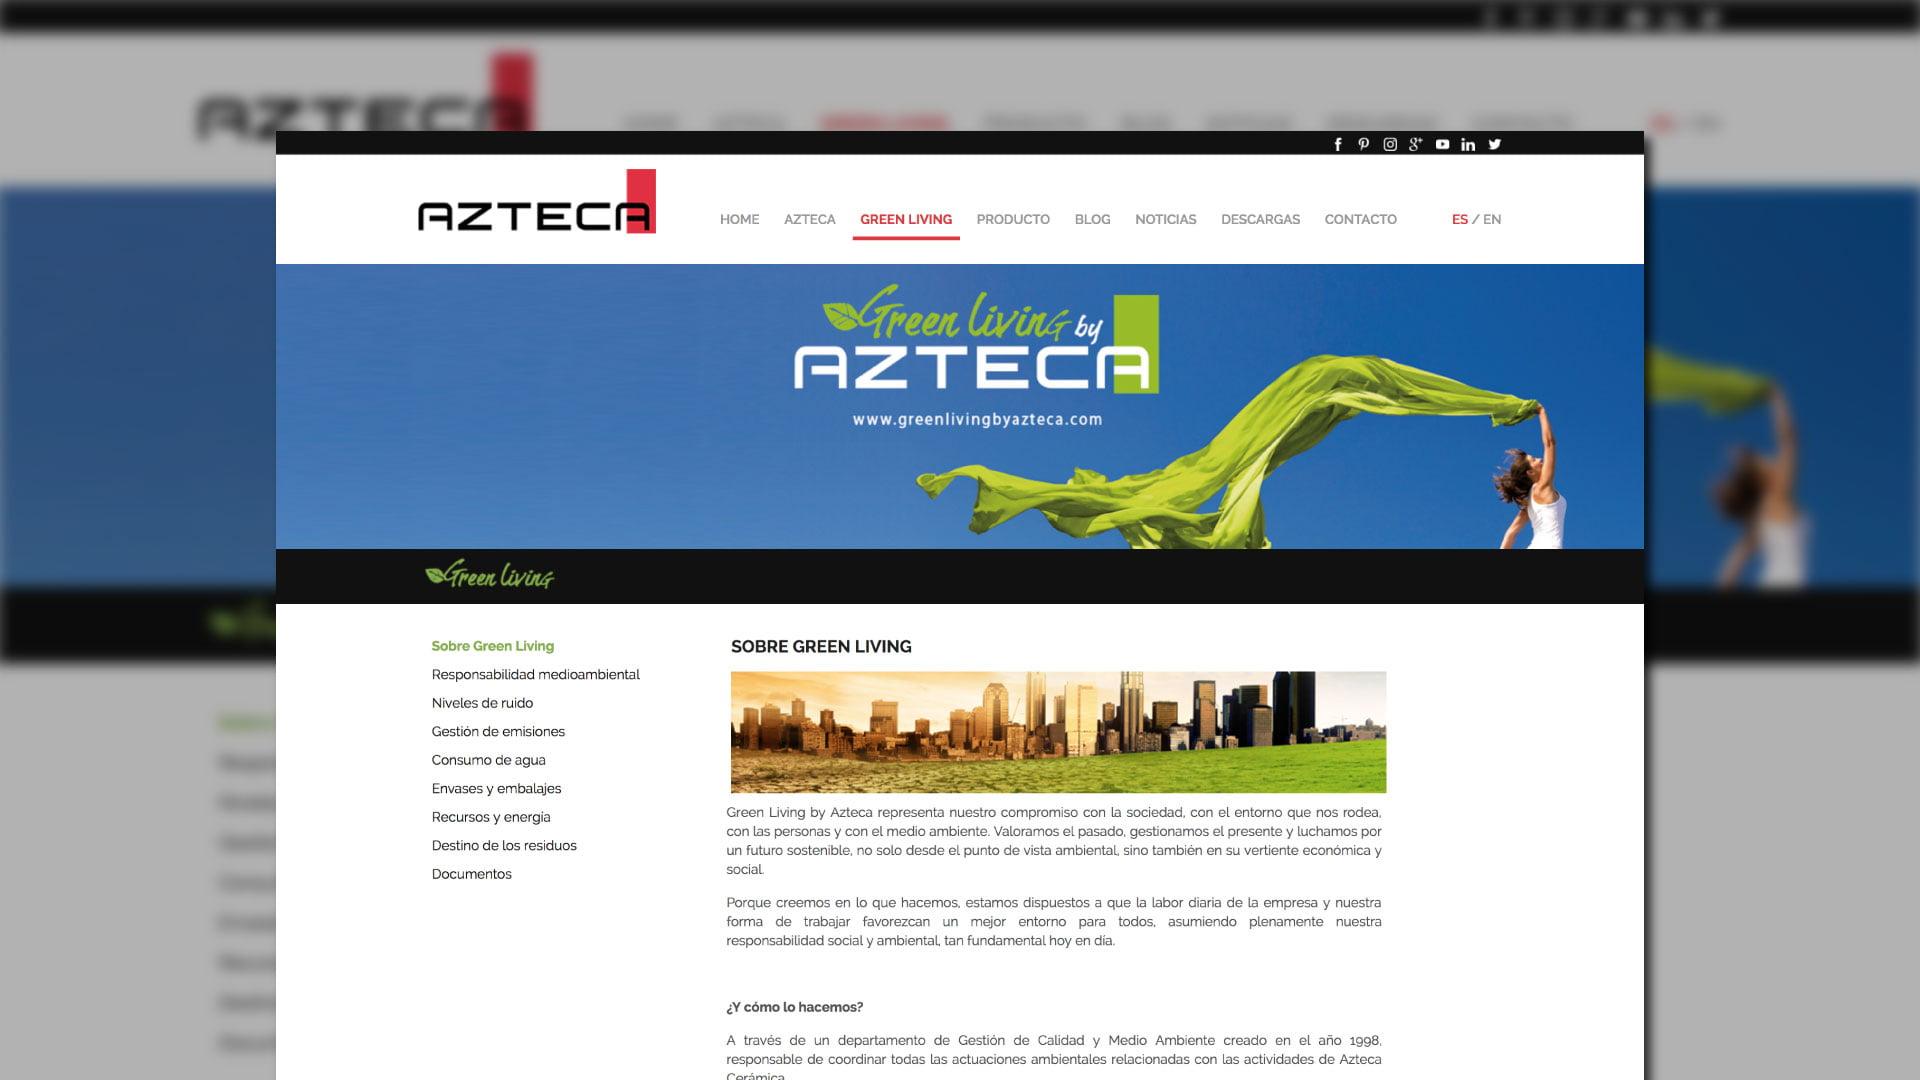 digitus-azteca-ceramica-web-desarrollo-creatividad-04